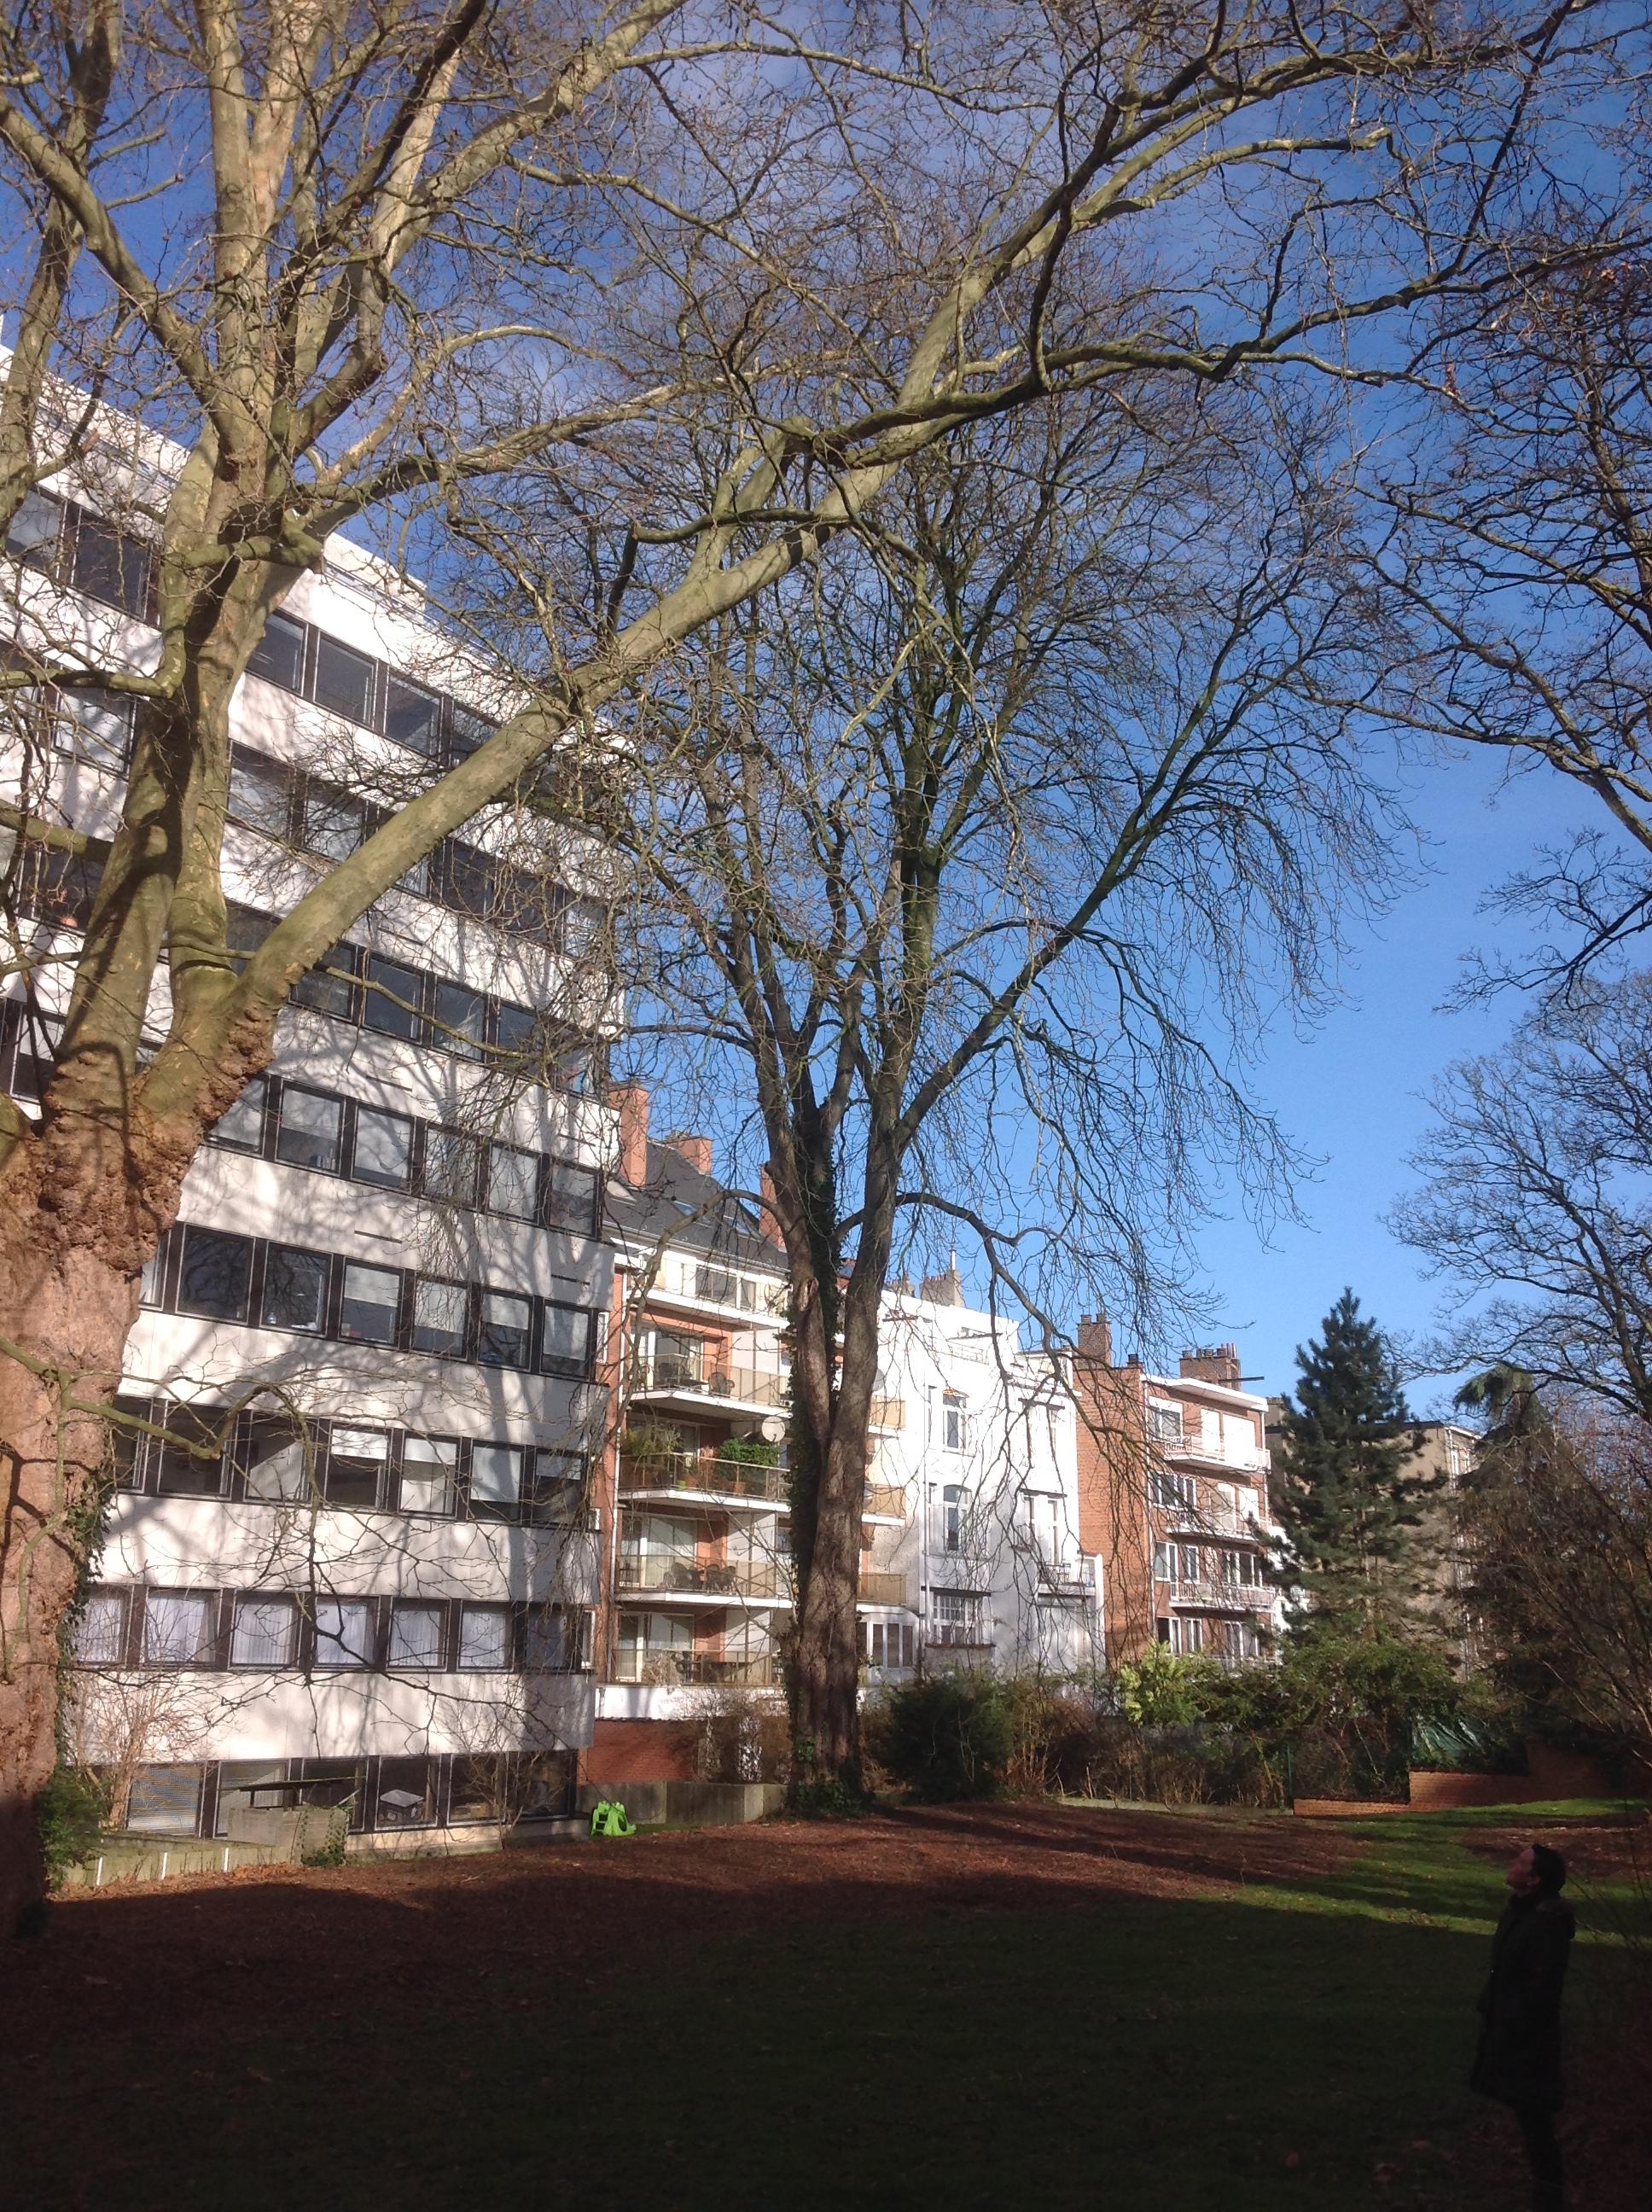 Marronnier commun – Ixelles, Rue Gachard, 88 –  05 Février 2014